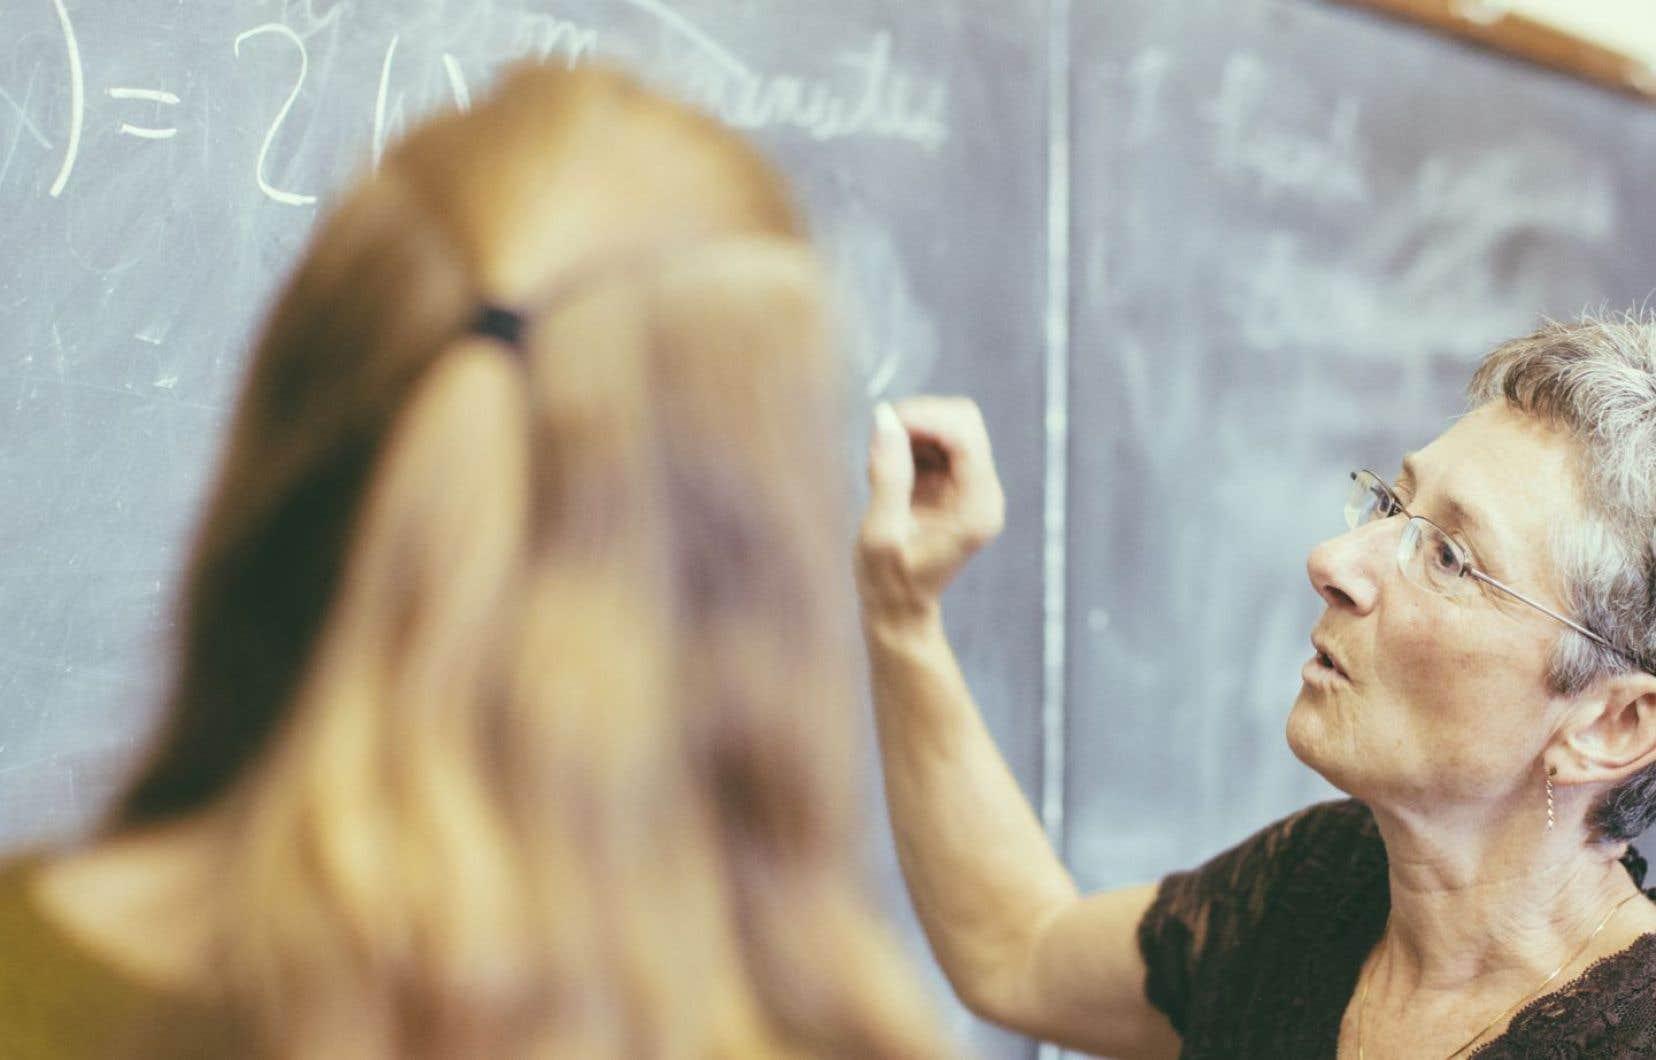 La pratique basée sur les données probantes véhicule une vision particulière du mode de régulation des métiers de l'éducation.